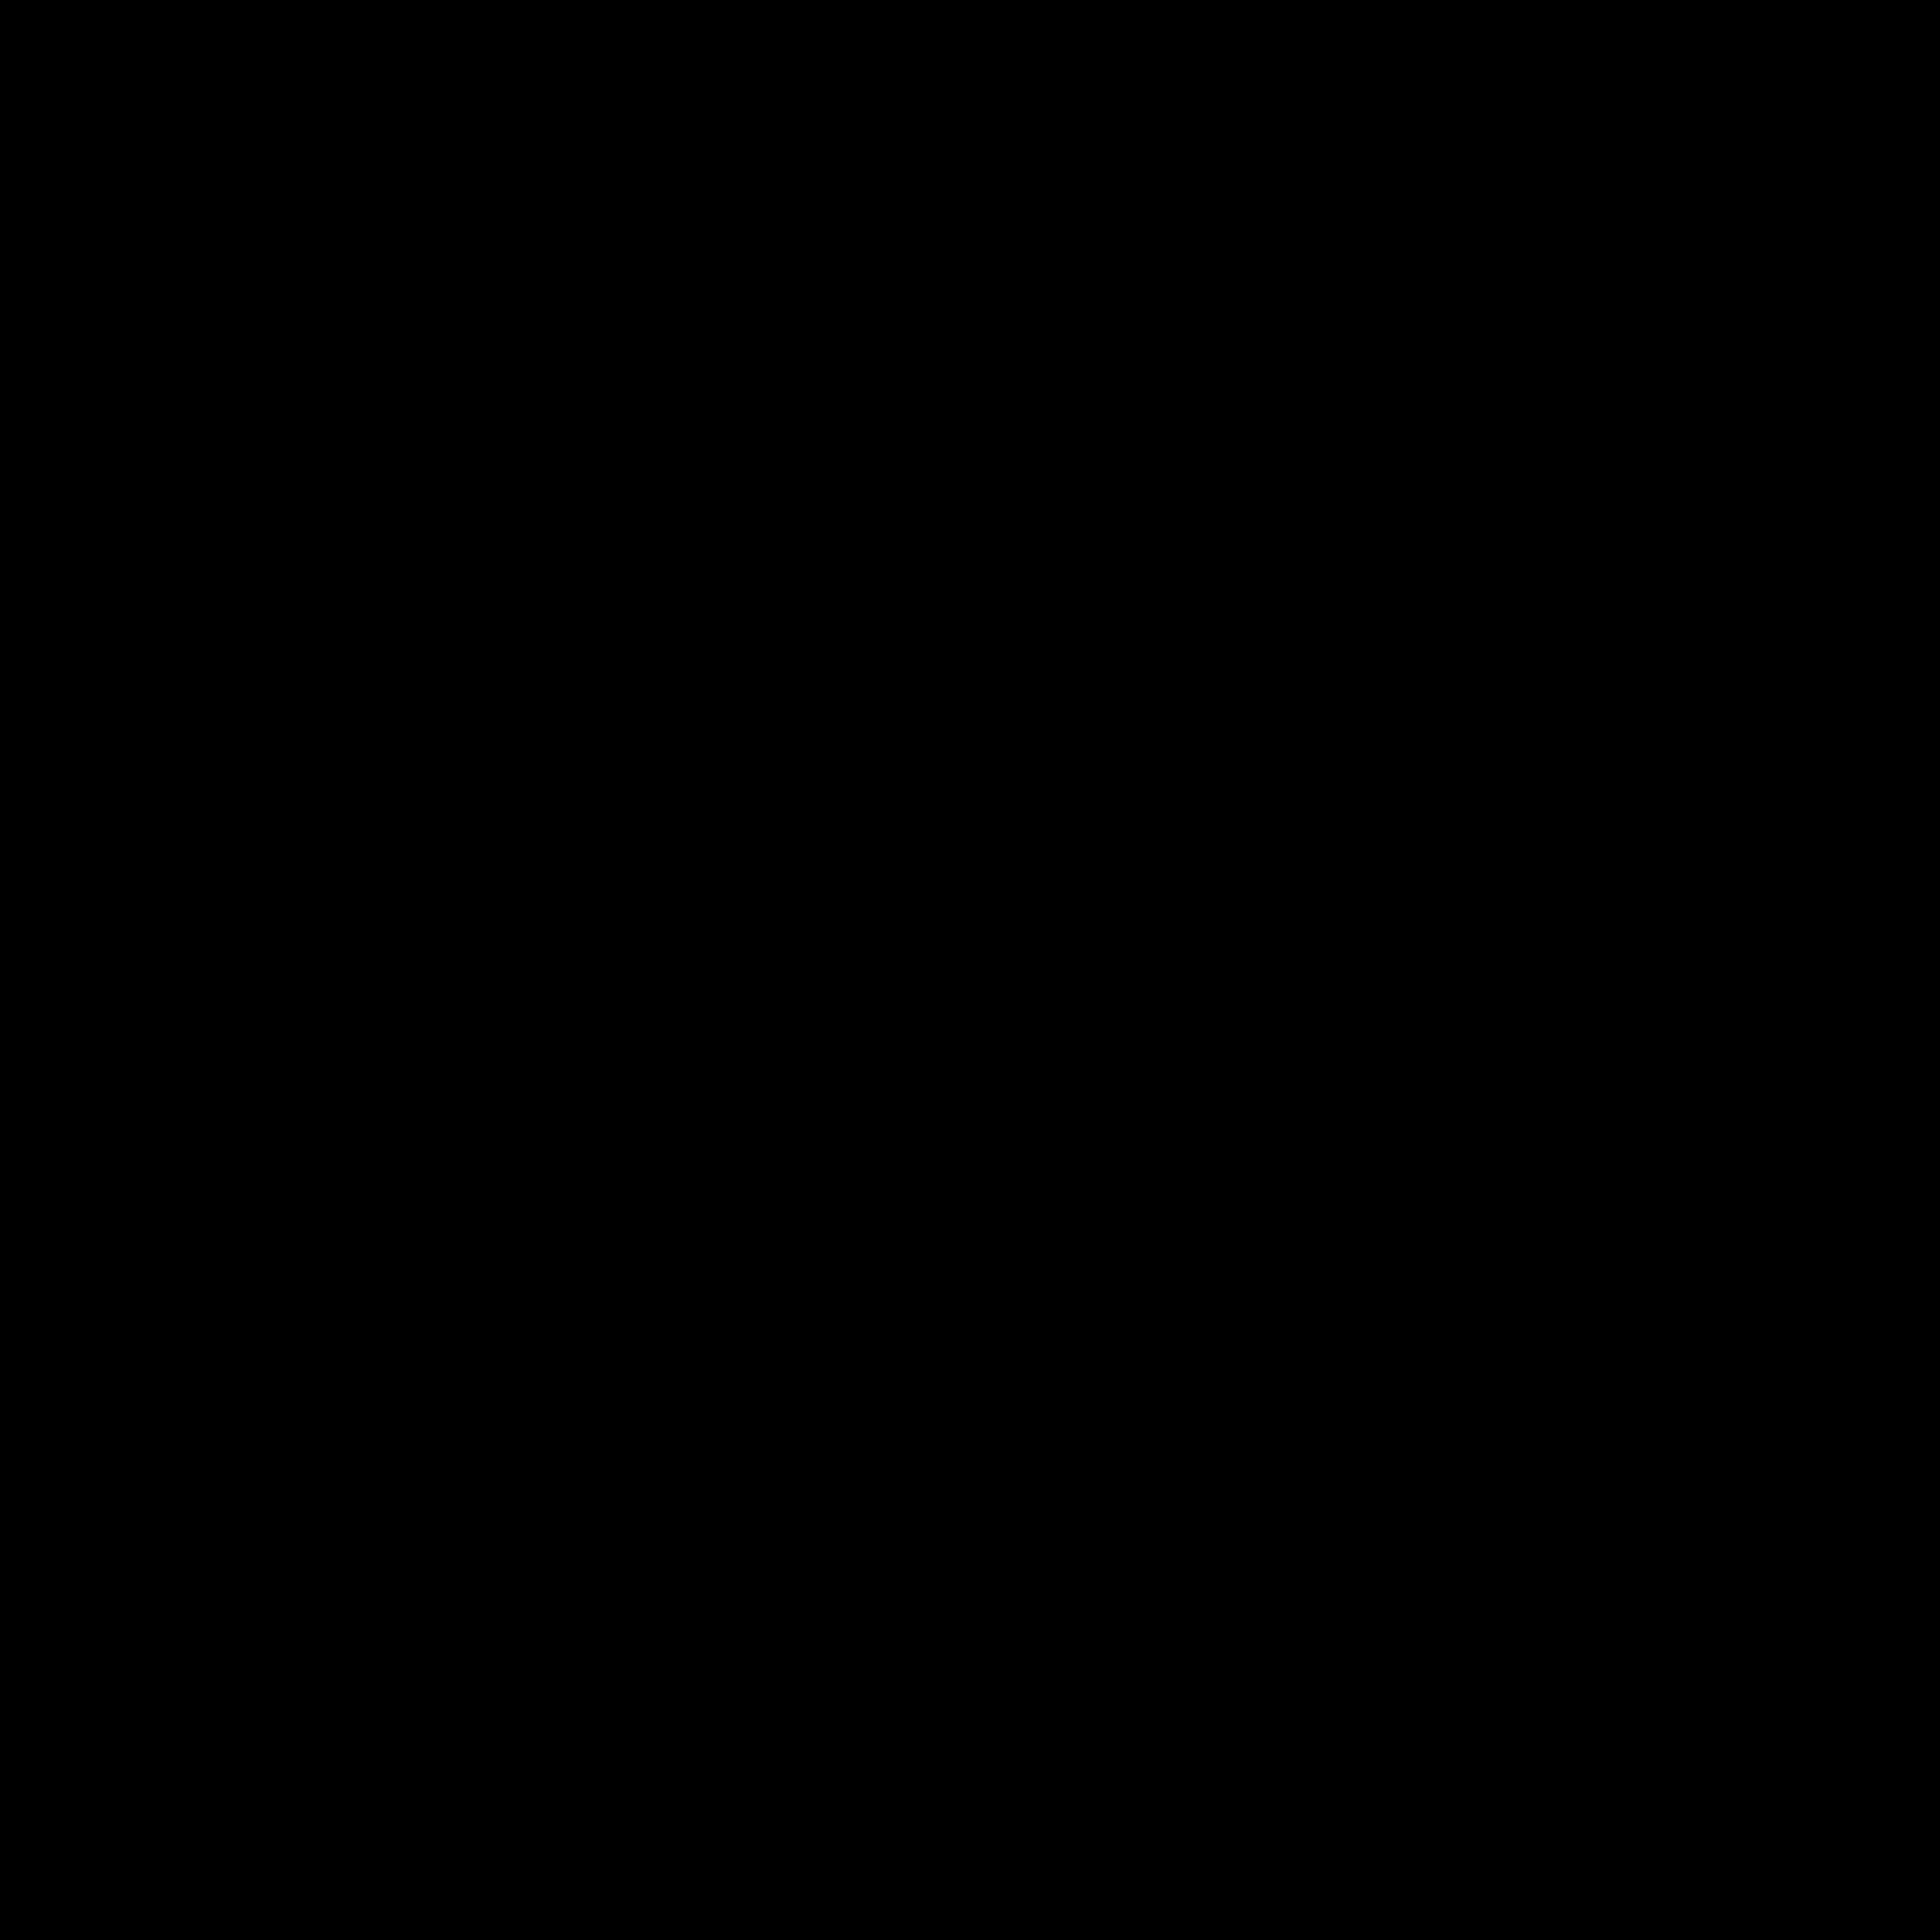 太上感应篇菁华-陈彩琼老师主讲